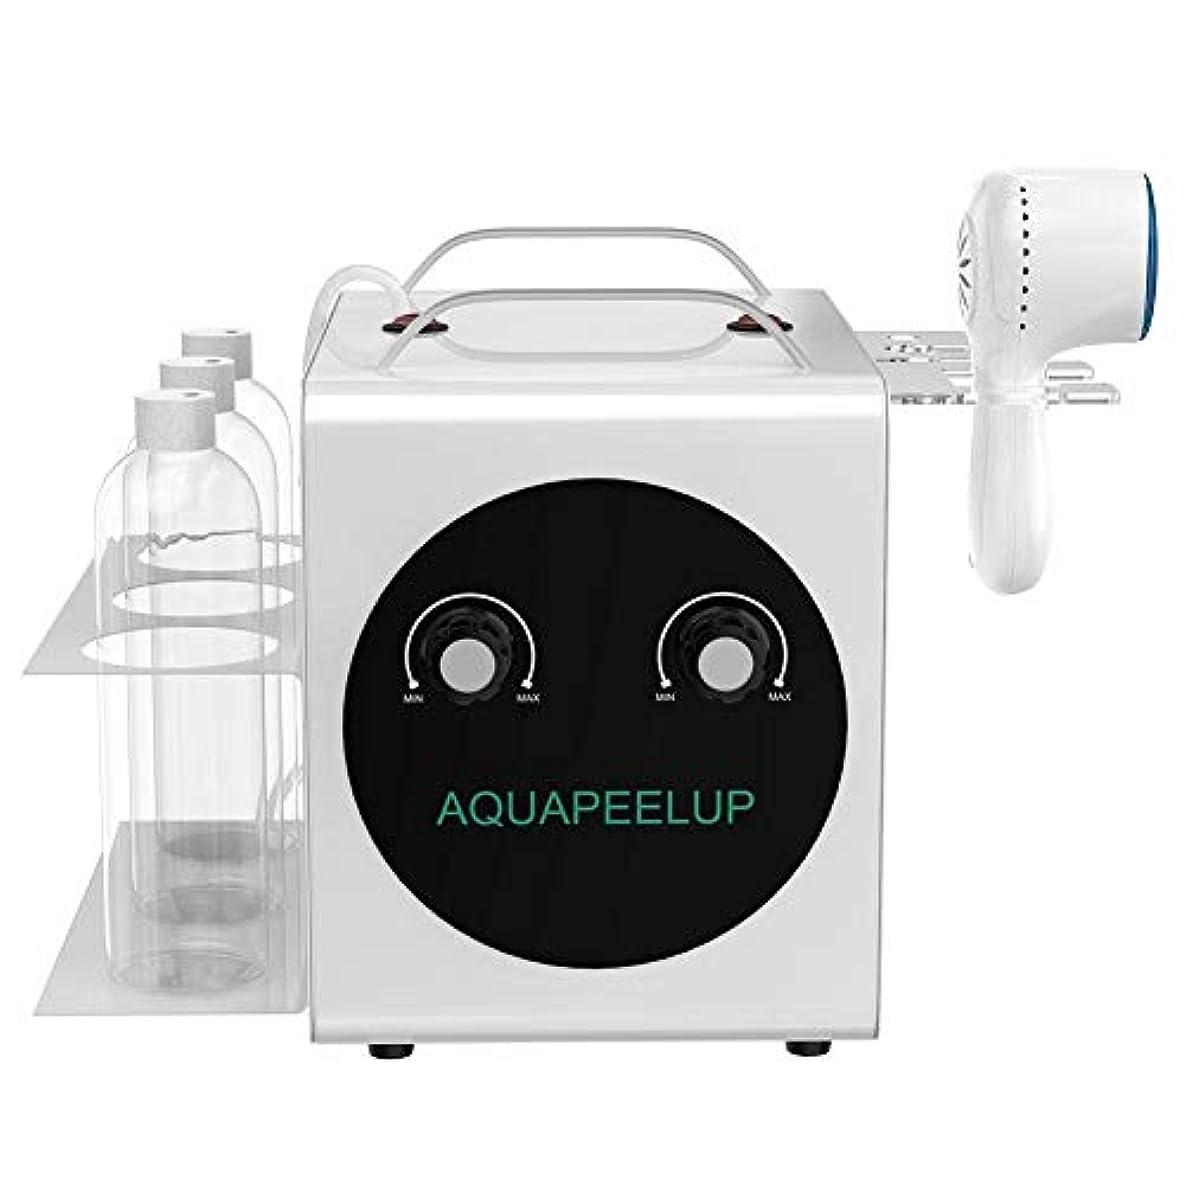 どんなときも常習的ユダヤ人酸素注入機、効果的に深い気泡と滑らかなしわ、白くなり柔らかい毛穴の洗浄機(US-PLUG)